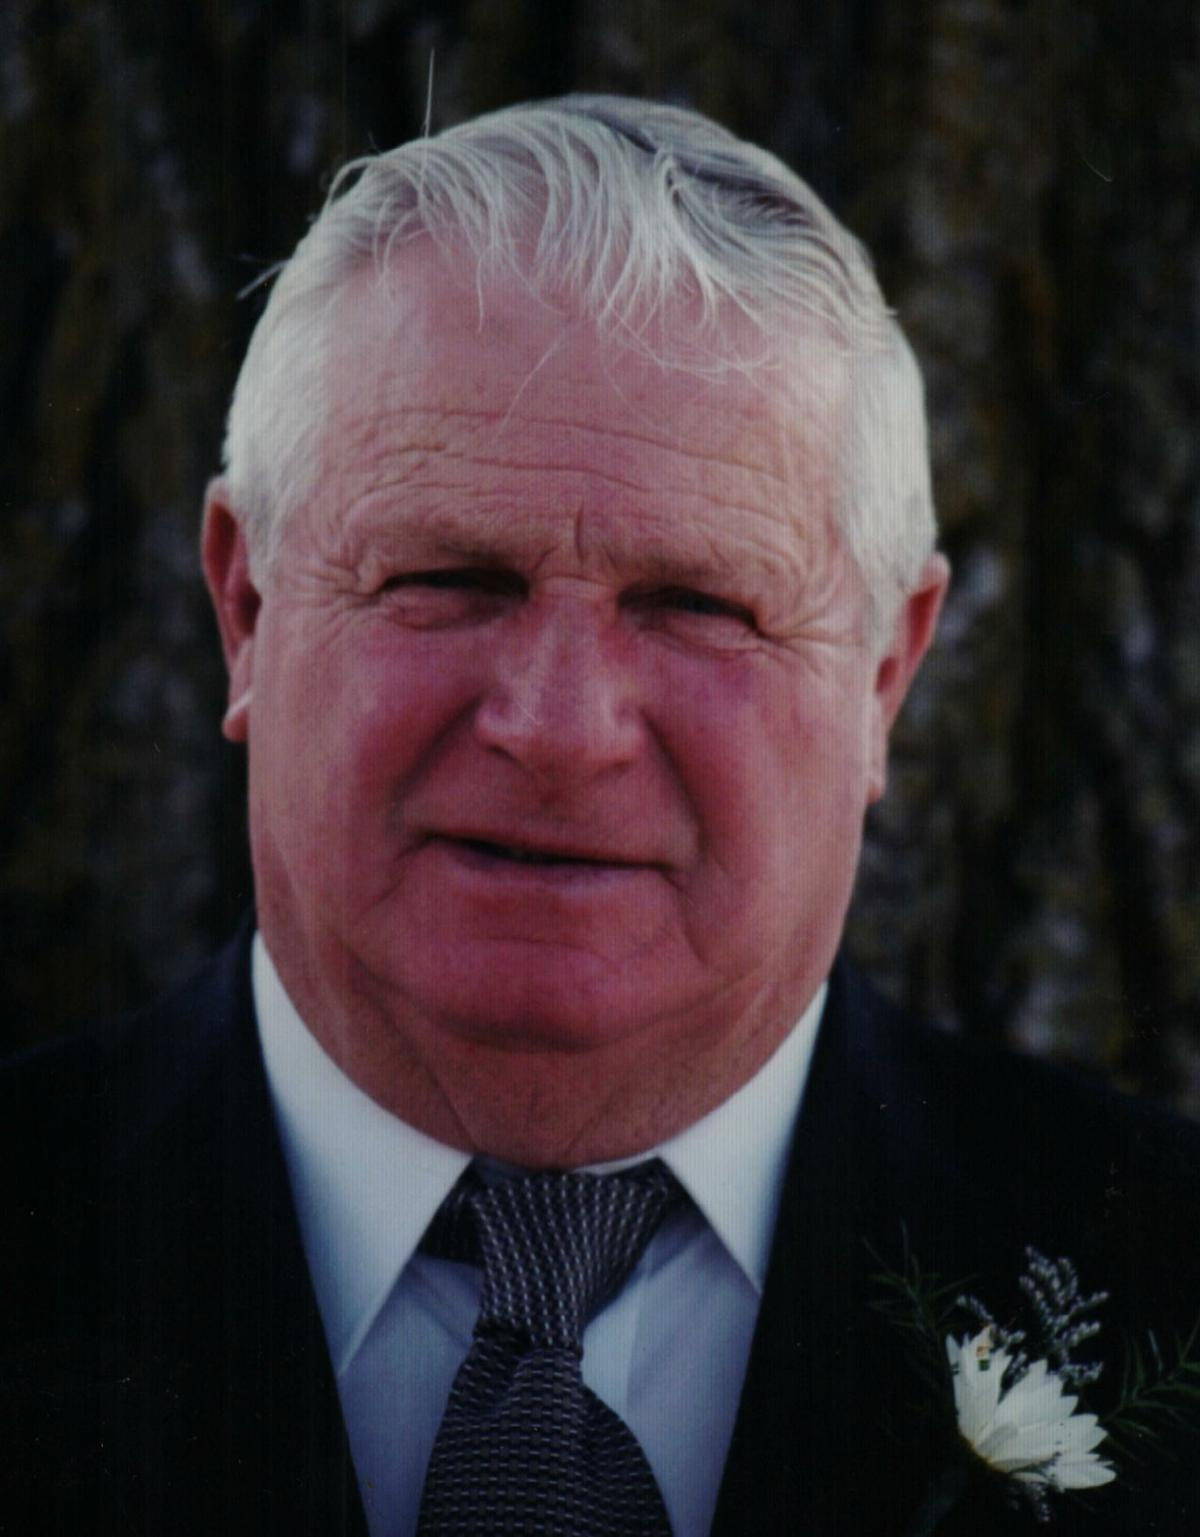 Edwin Welch